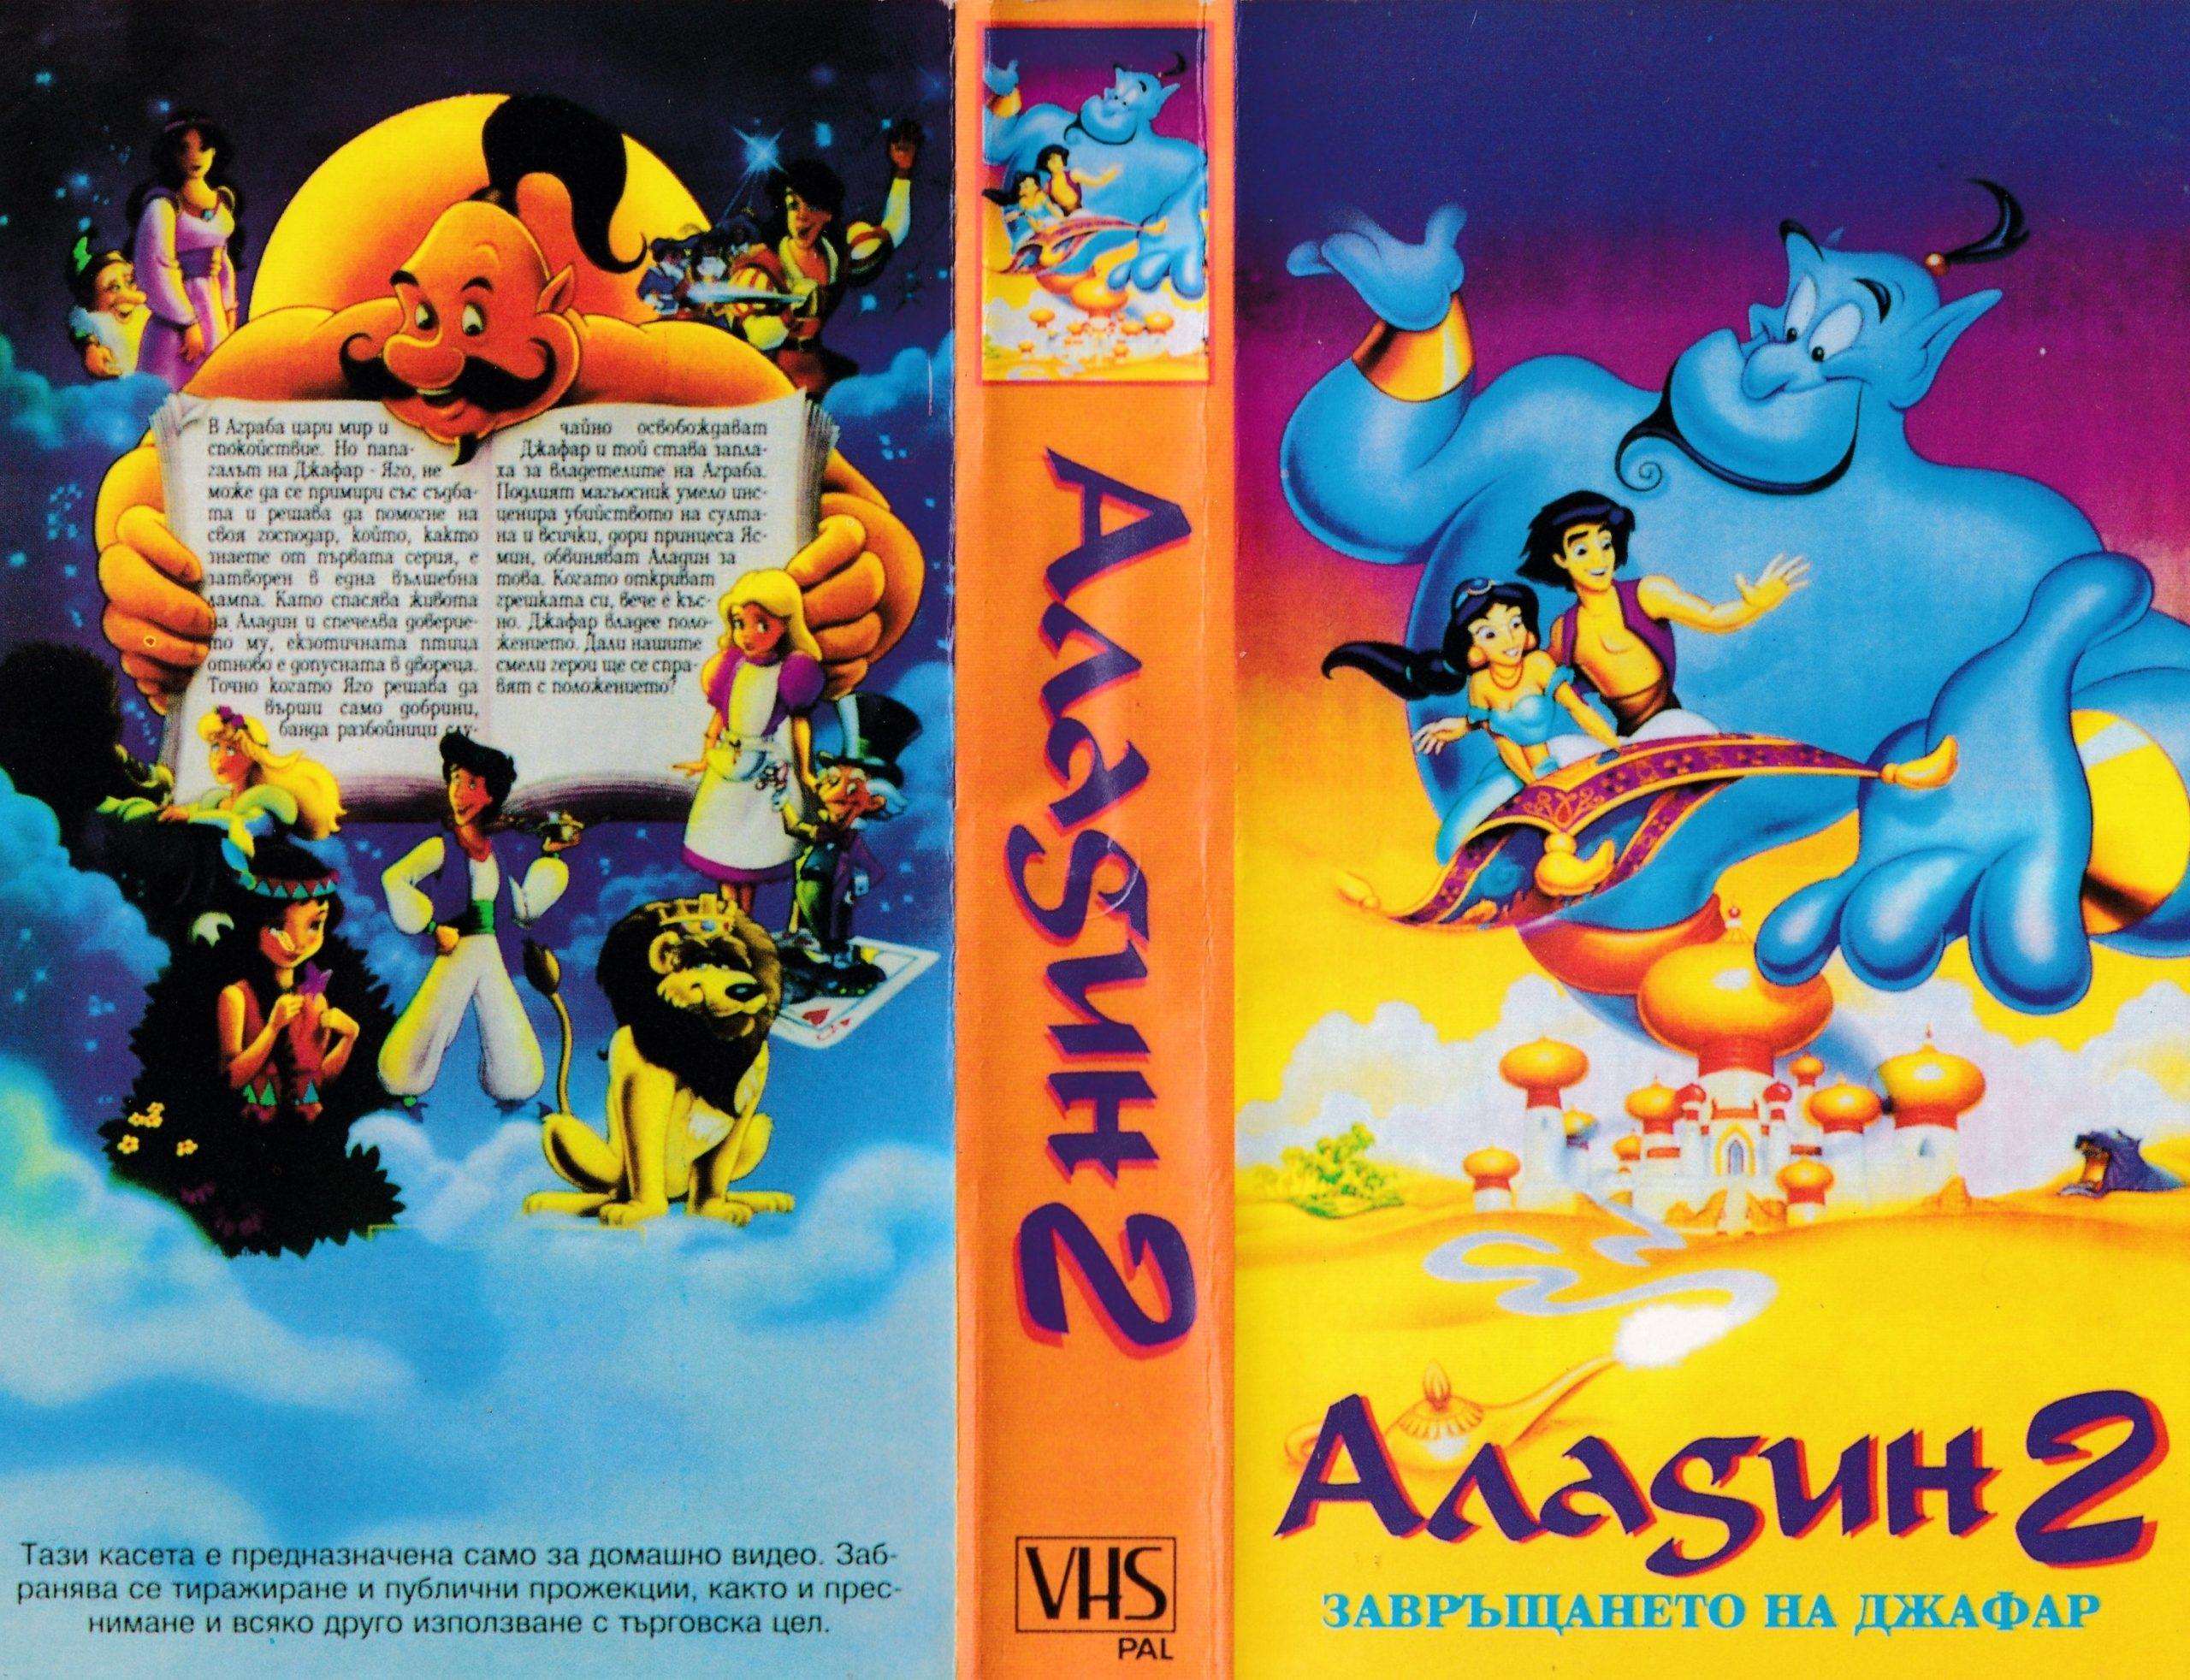 Аладин 2 анимация